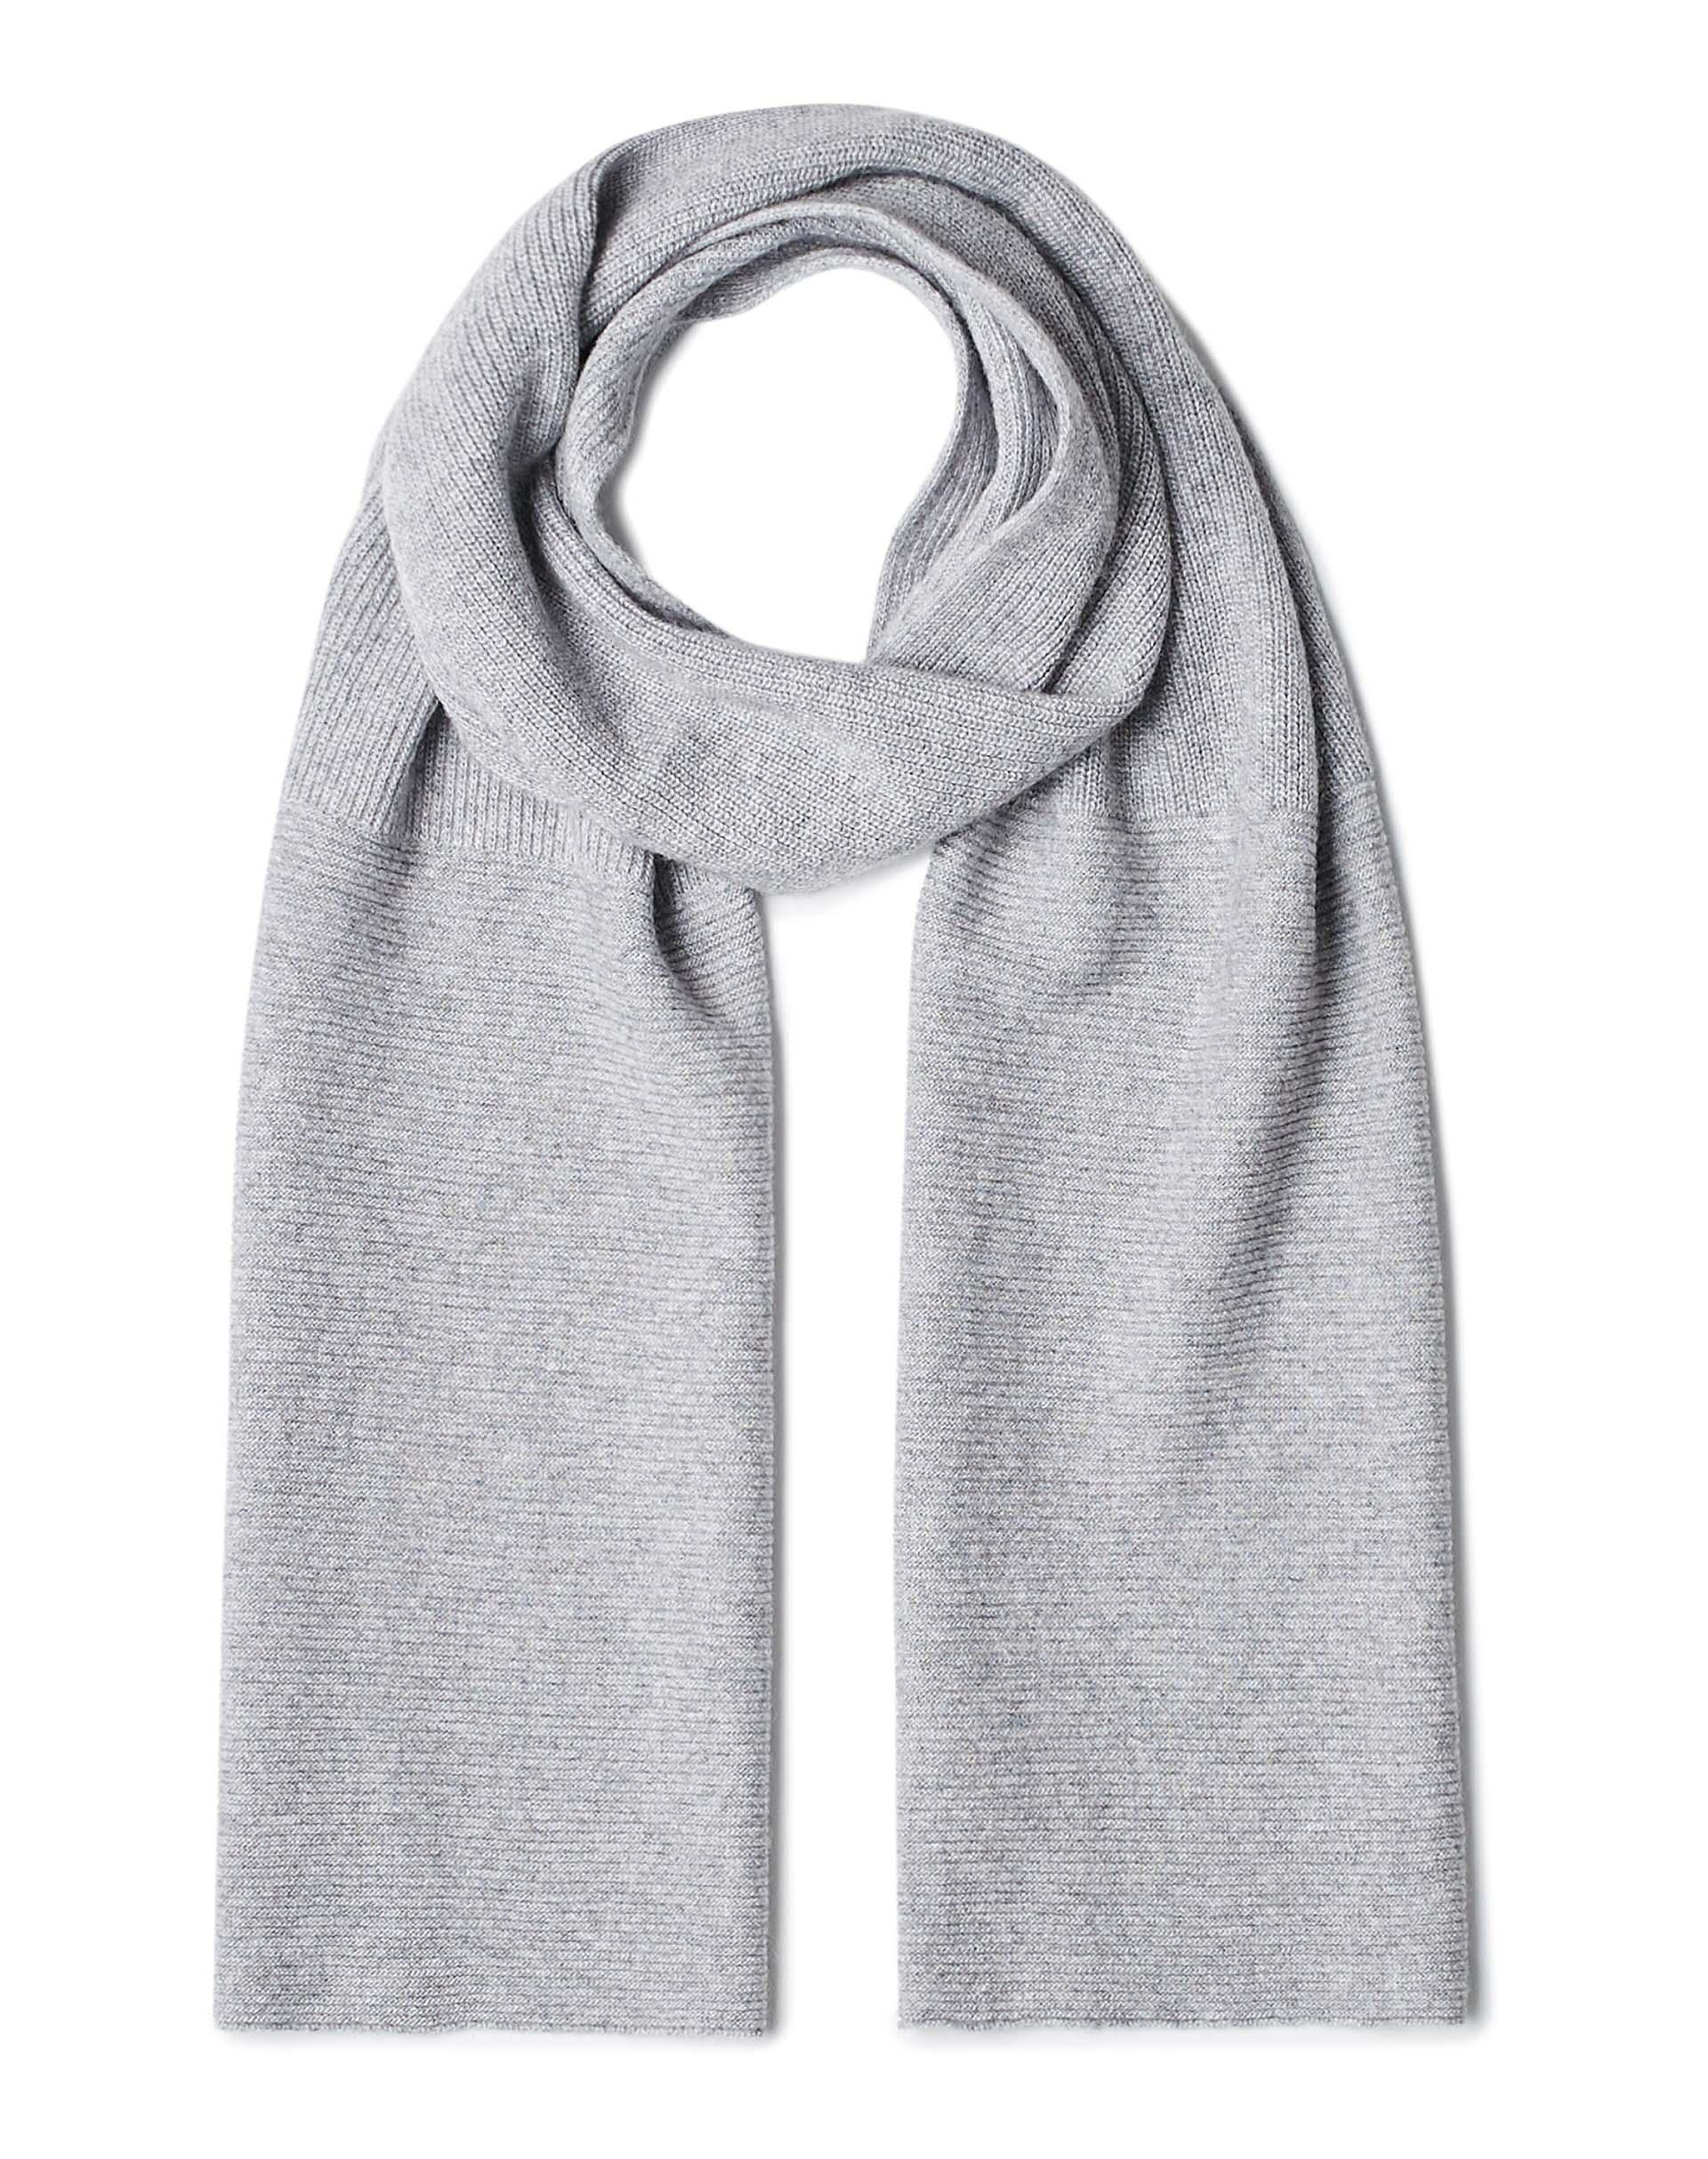 ШарфПлатки и Шарфы<br>Вязаный шарф из полушерстяной пряжи. Фактура в рубчик, универсальный размер. Размеры: 190*27 см.<br>Цвет: Серый; Размер: OS;